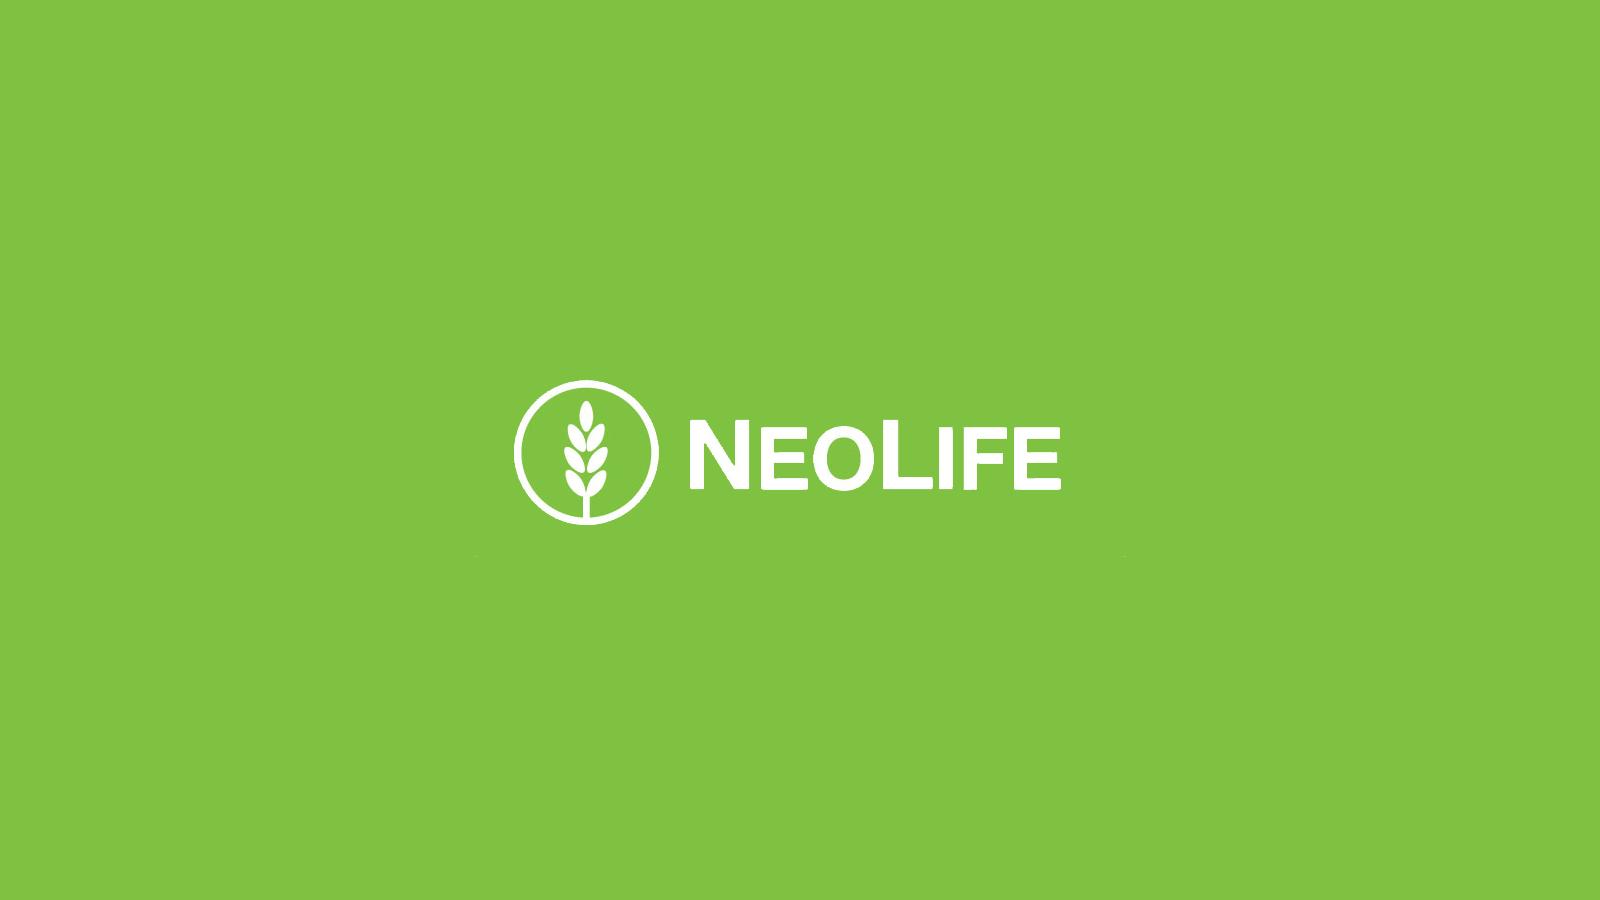 NeoLife Logo on Background